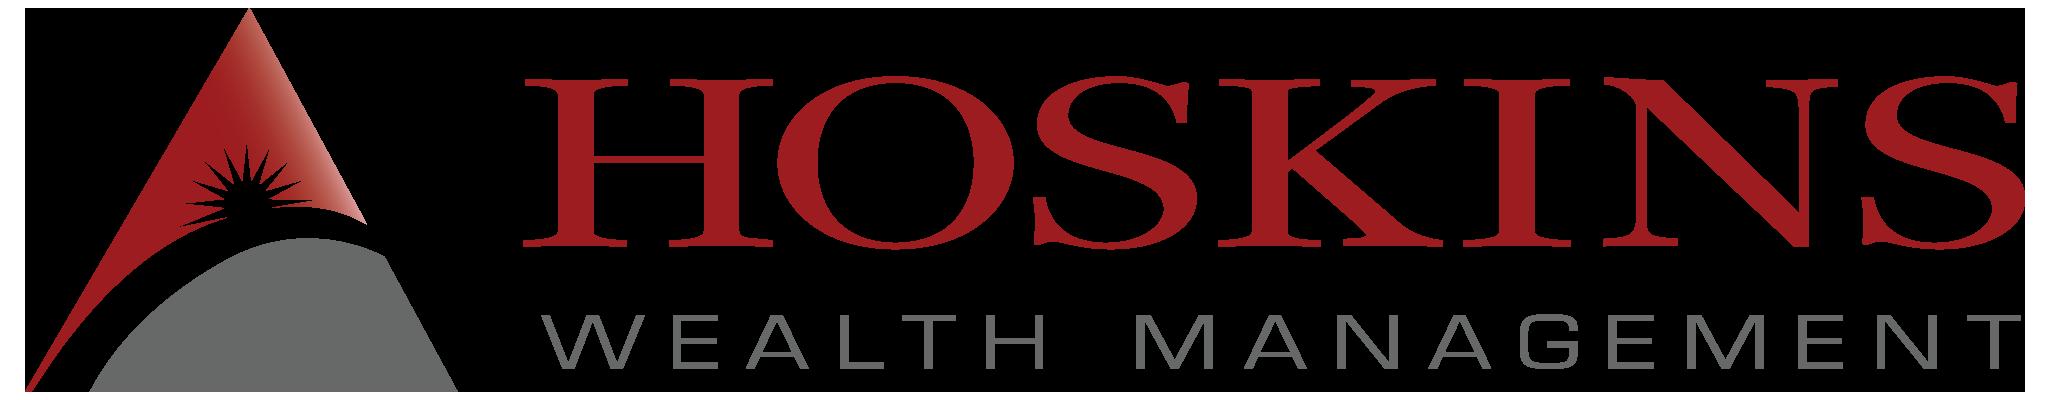 Hoskins Wealth Management